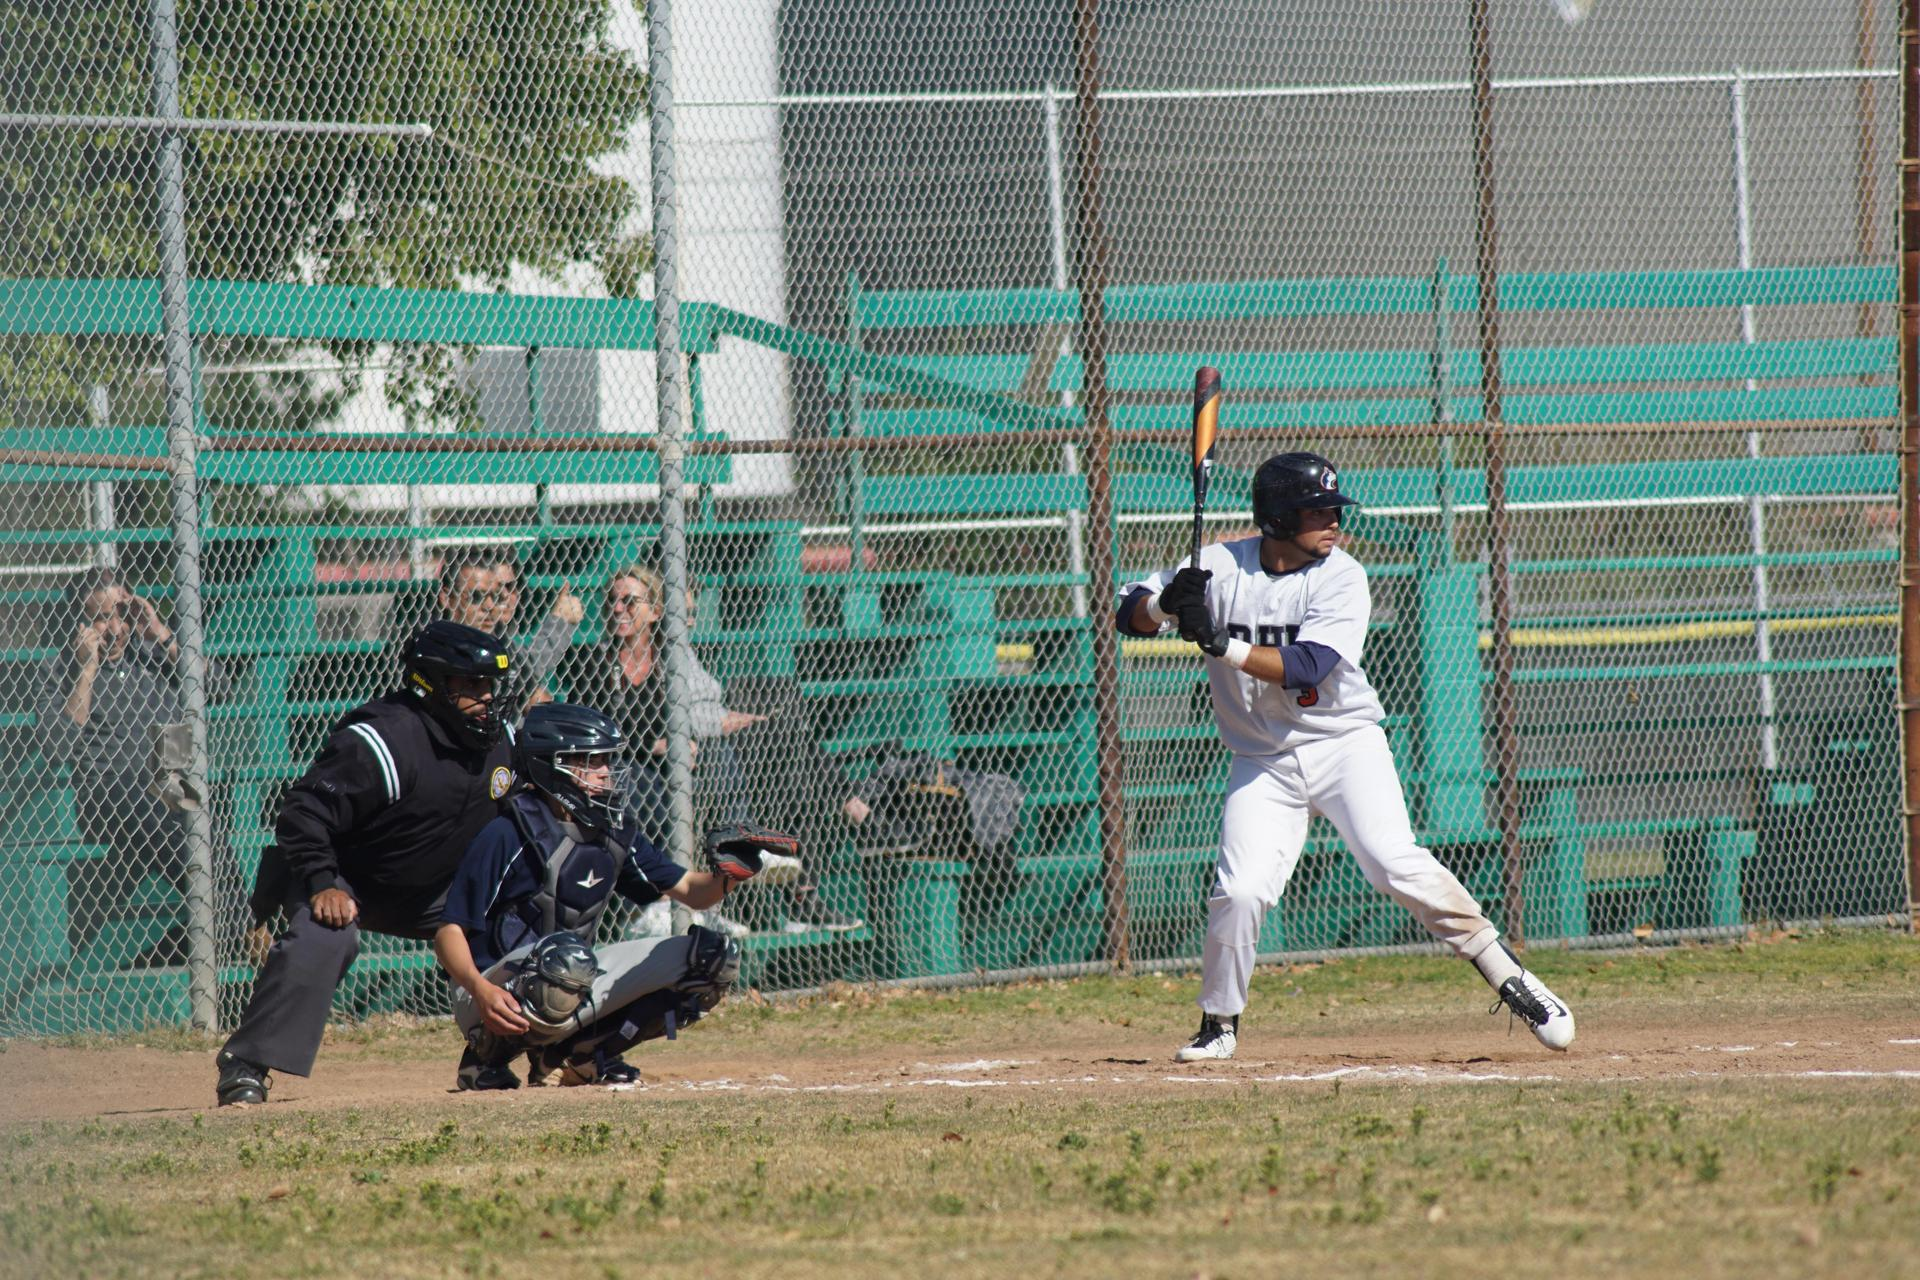 校队男子棒球比赛开始击球.